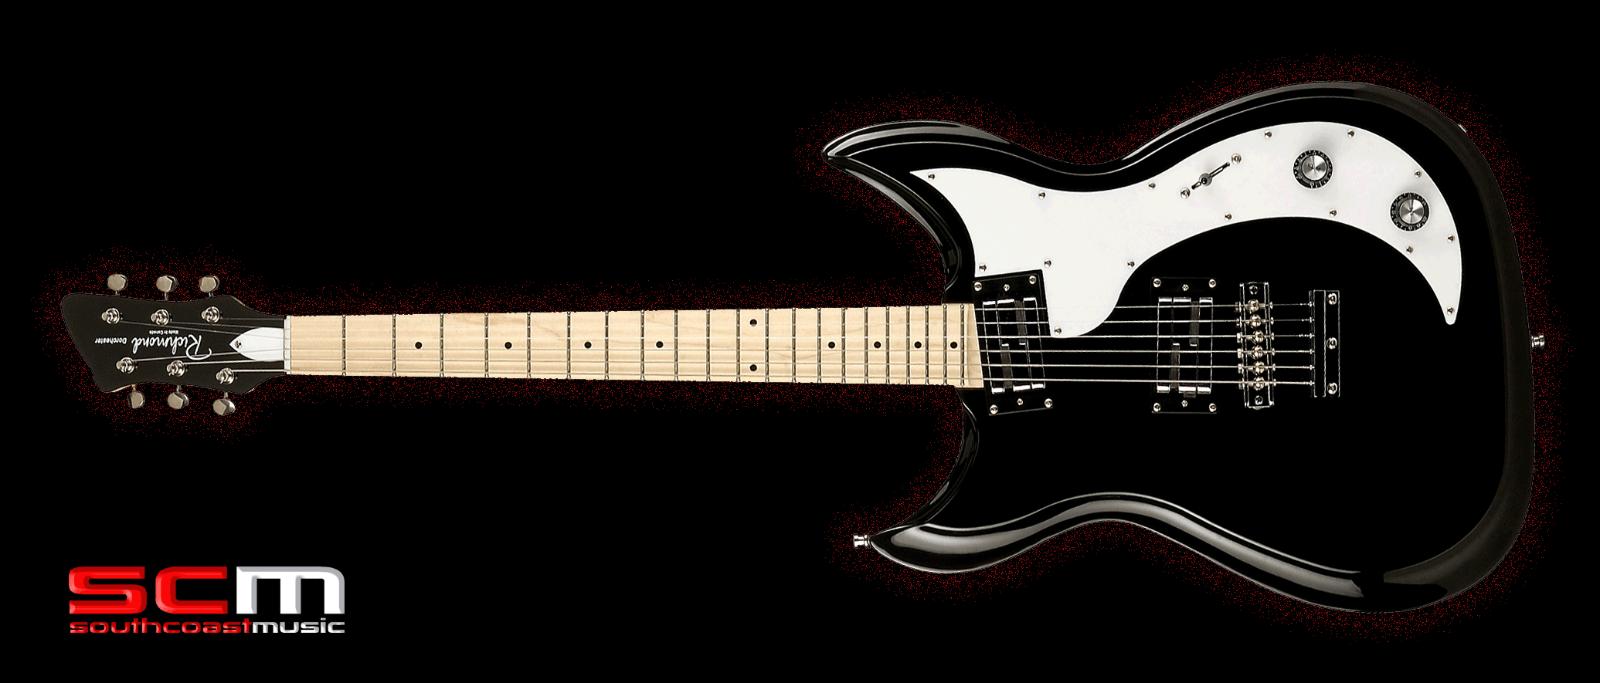 Richmond Dorchester Guitarra Eléctrica Negro Brillante Brillante Brillante de Arce fretboard  última  462881